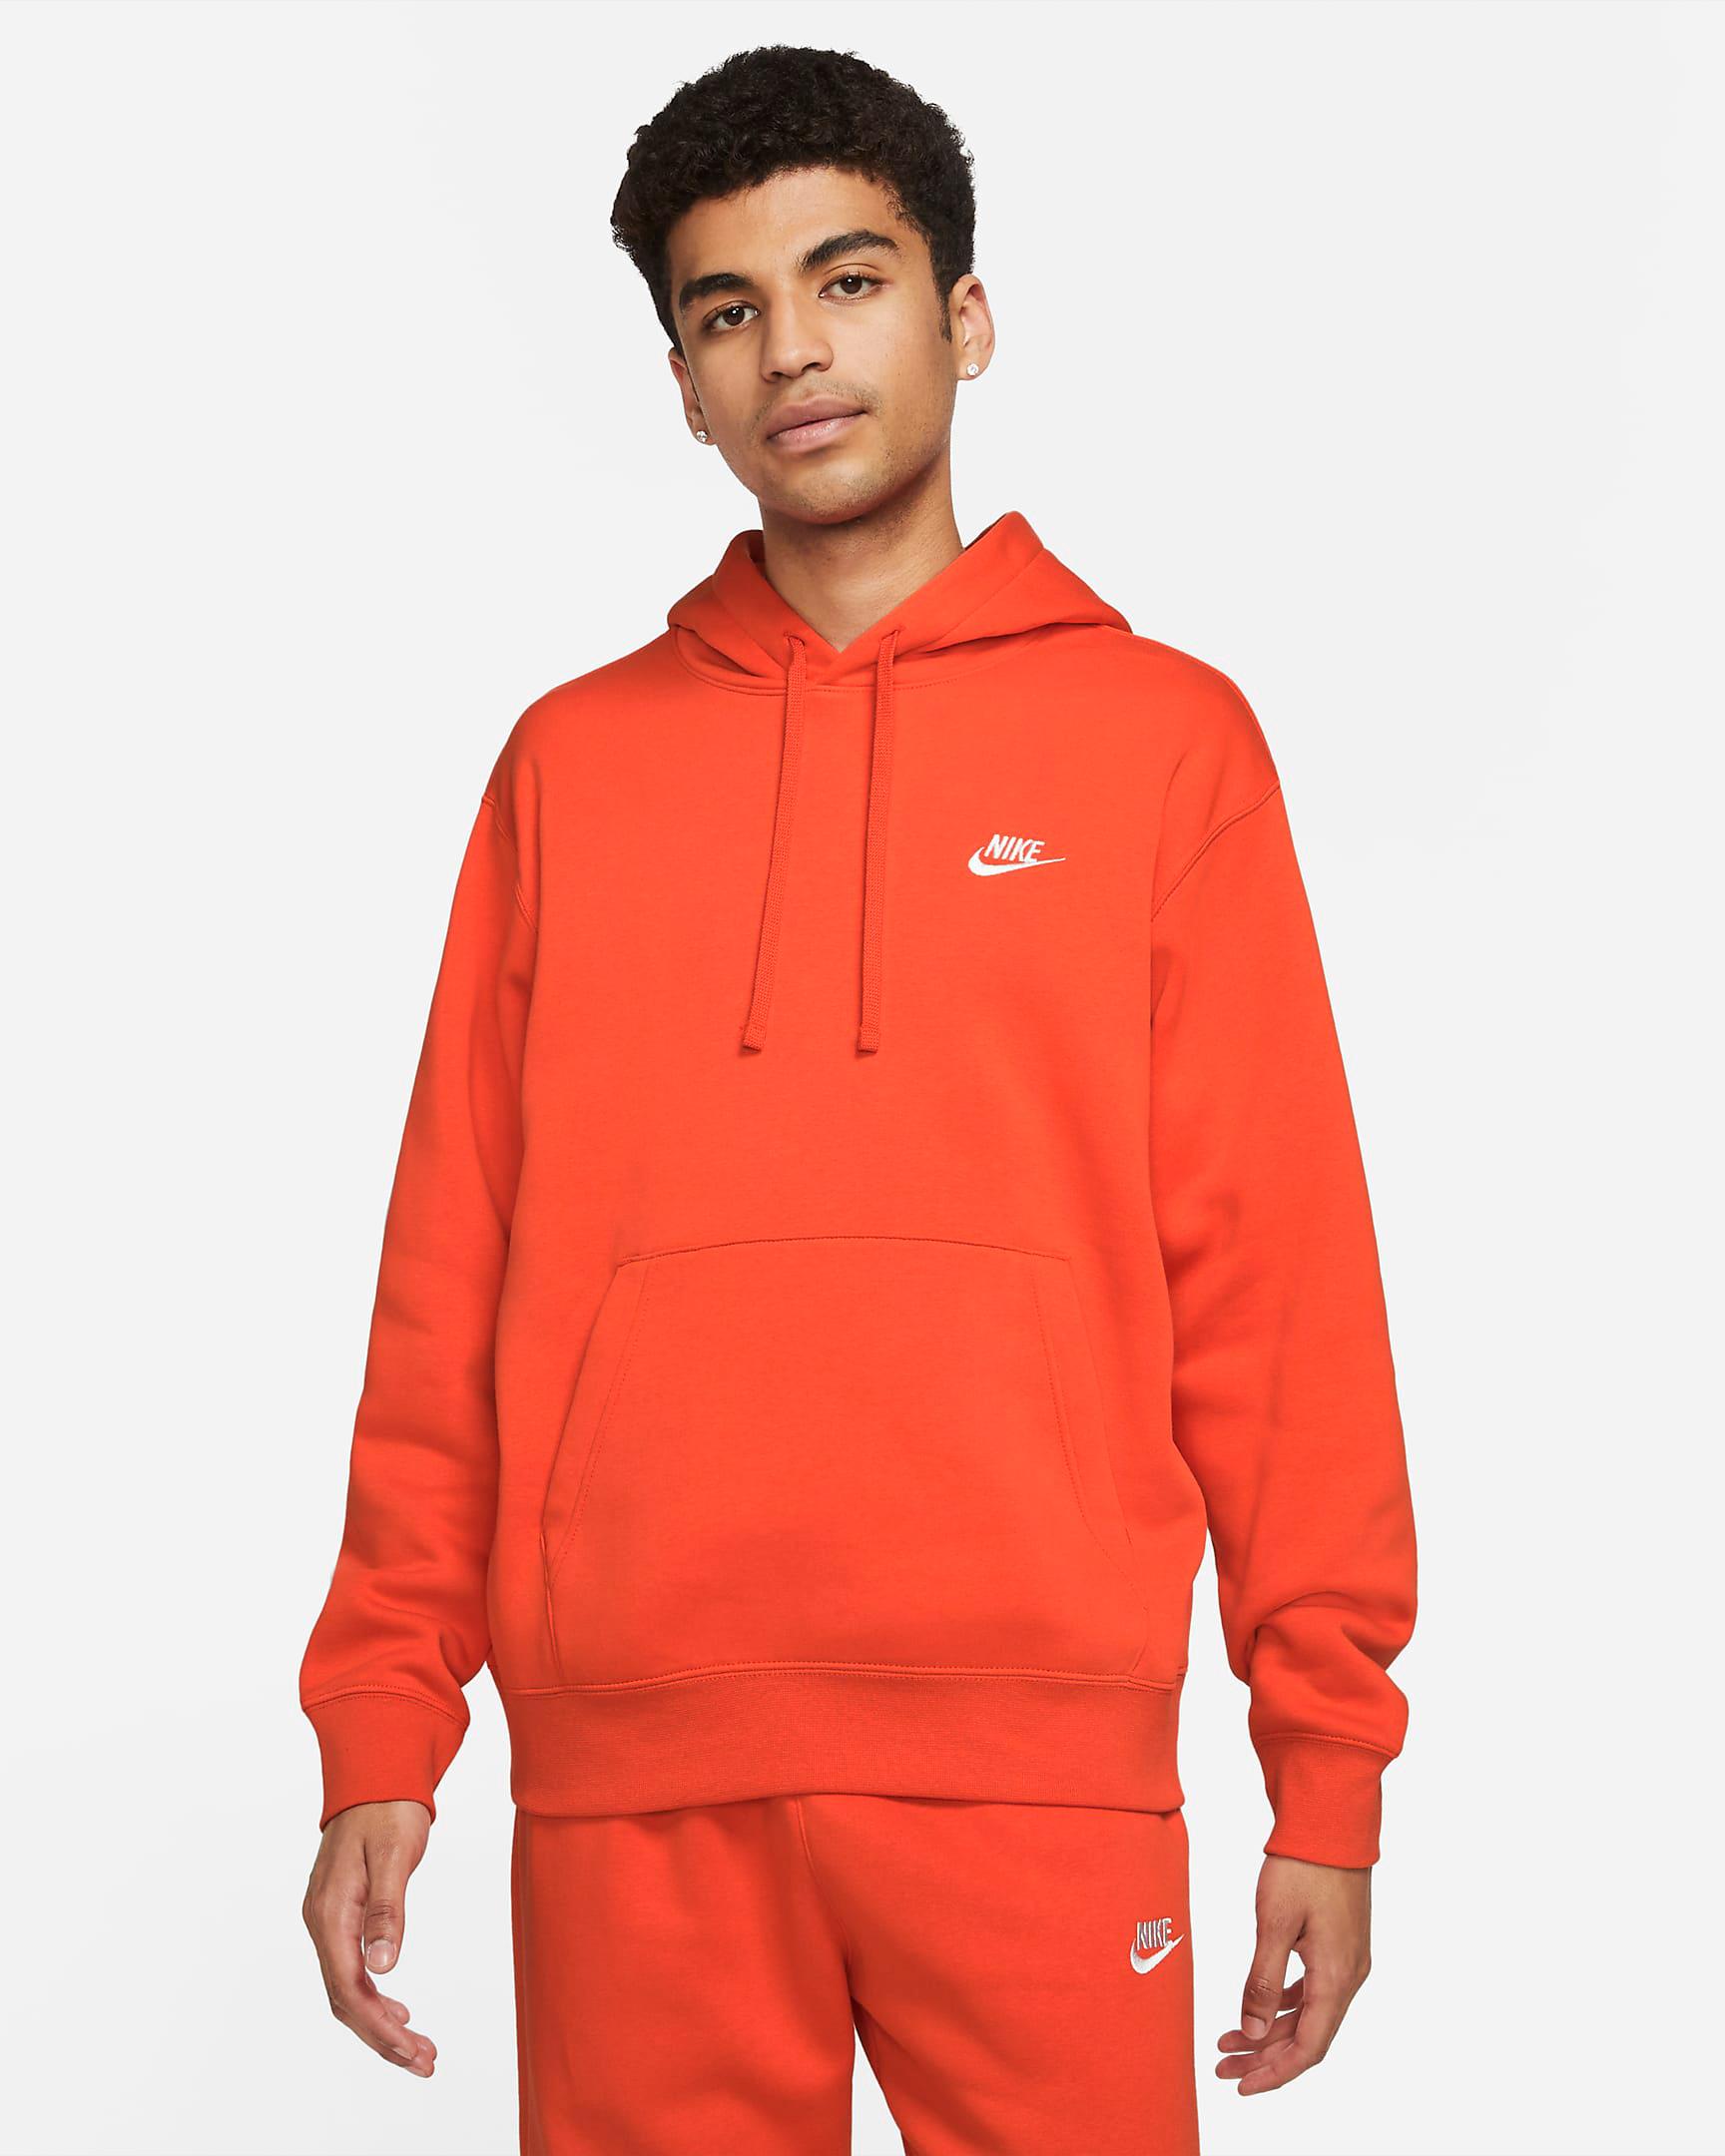 nike-club-fleece-orange-hoodie